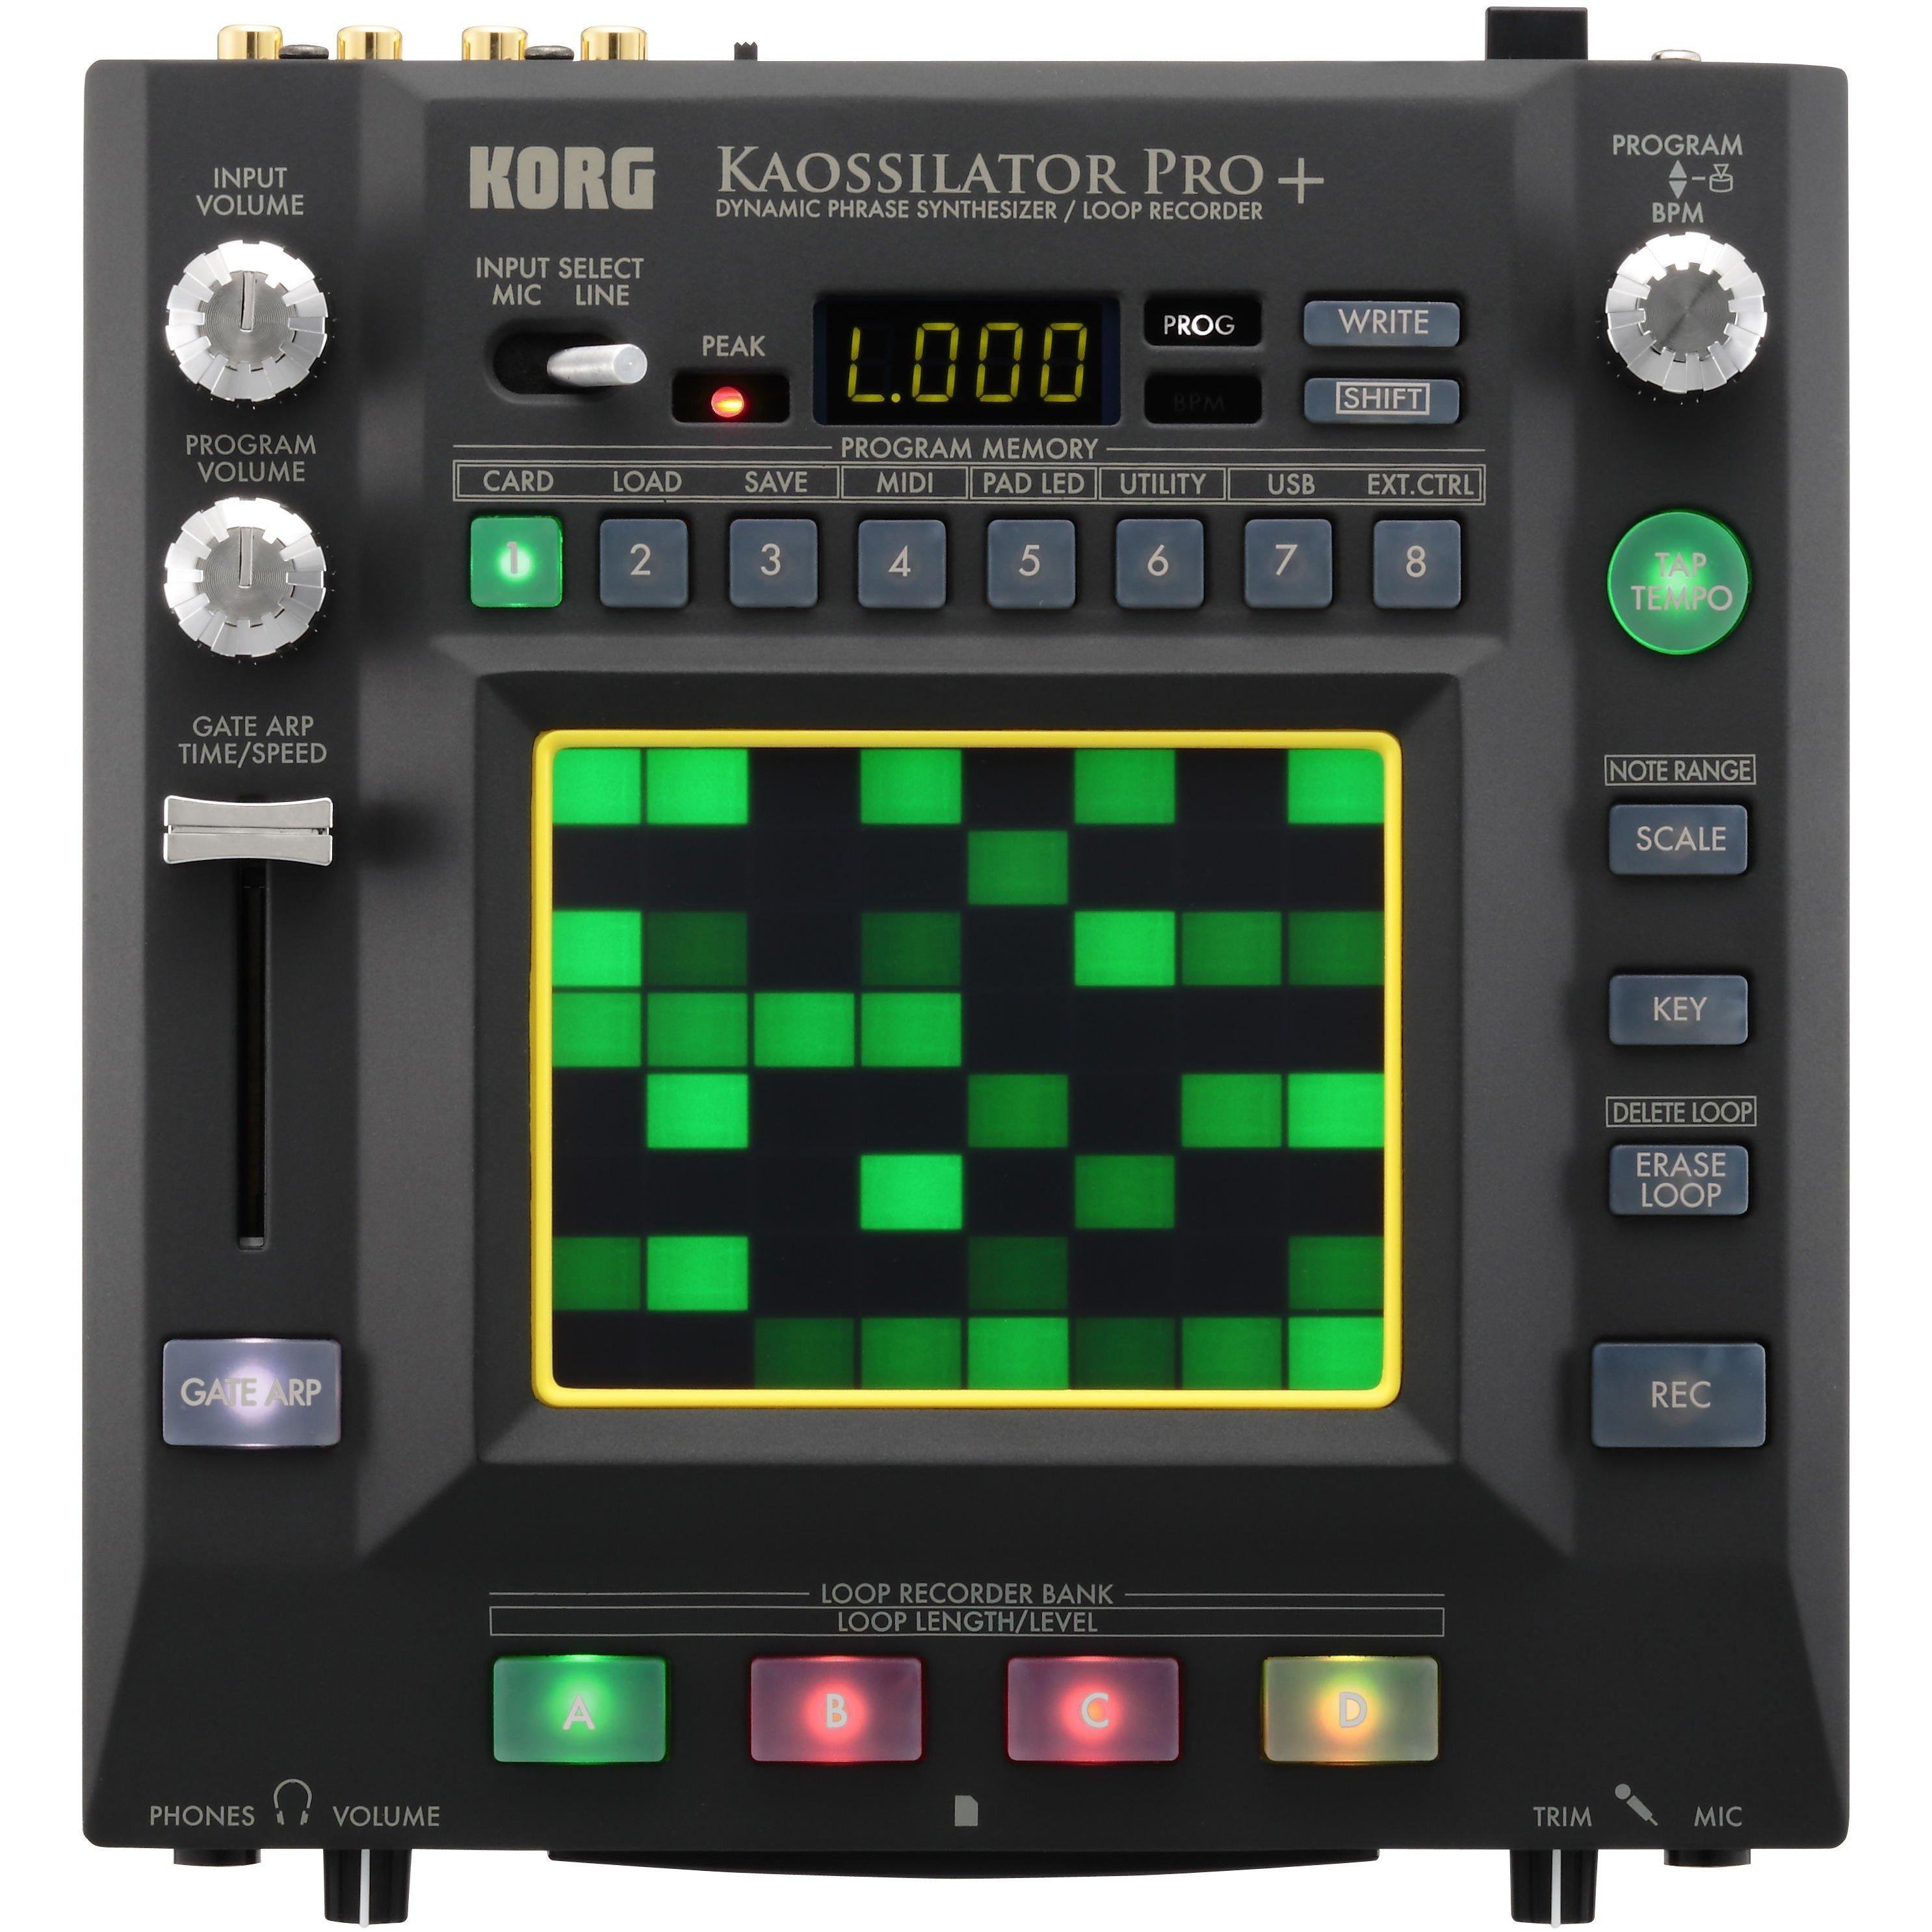 KORG KAOSSILATOR PRO USB MIDI WINDOWS 7 DRIVERS DOWNLOAD